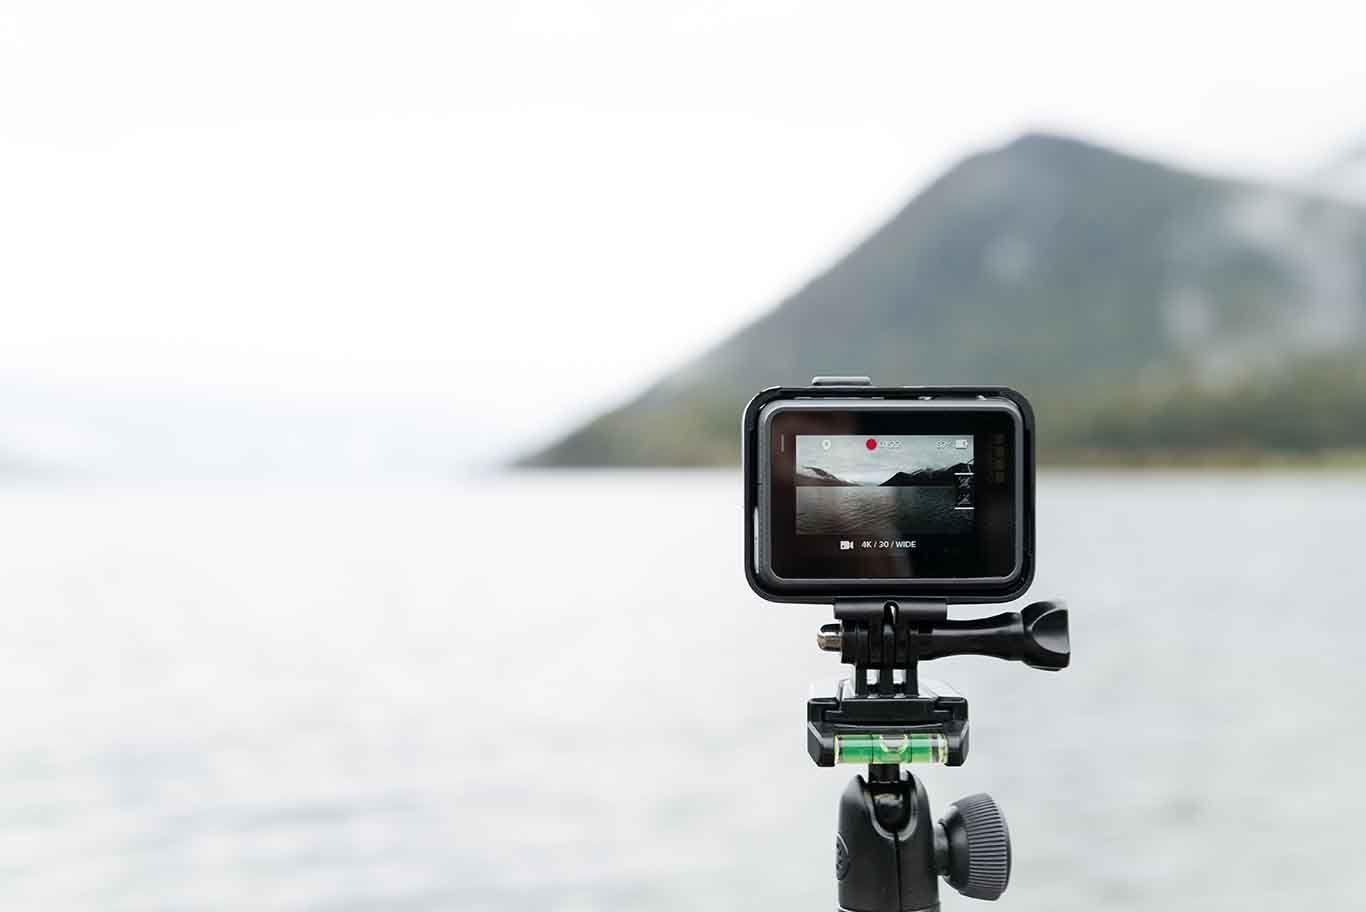 Ingin Jadi YouTuber? 9 Tips untuk Membuat Video Menarik